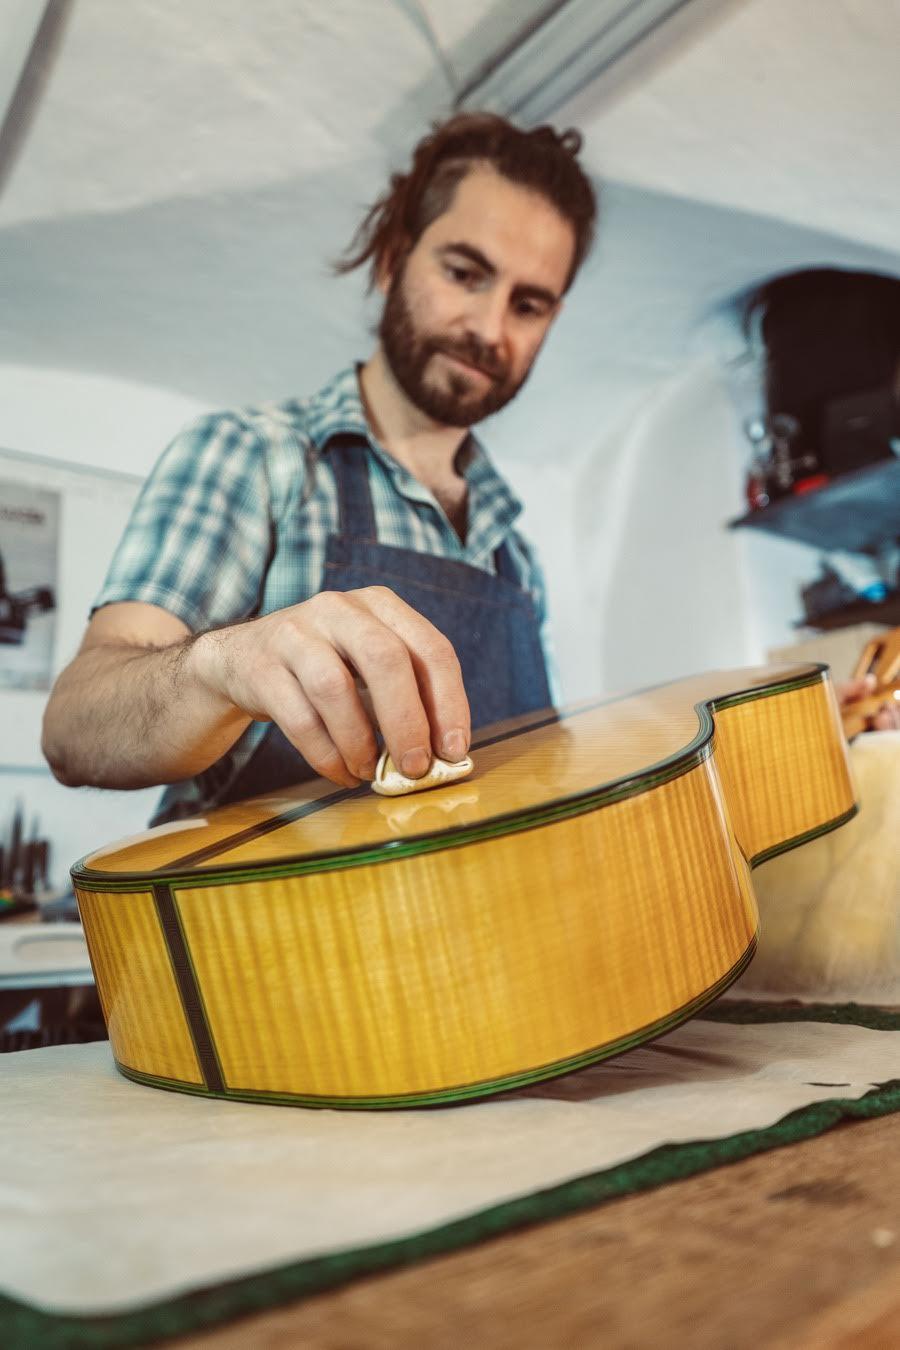 We Make Market: nasce la piattaforma dove riscoprire l'artigianalità italiana